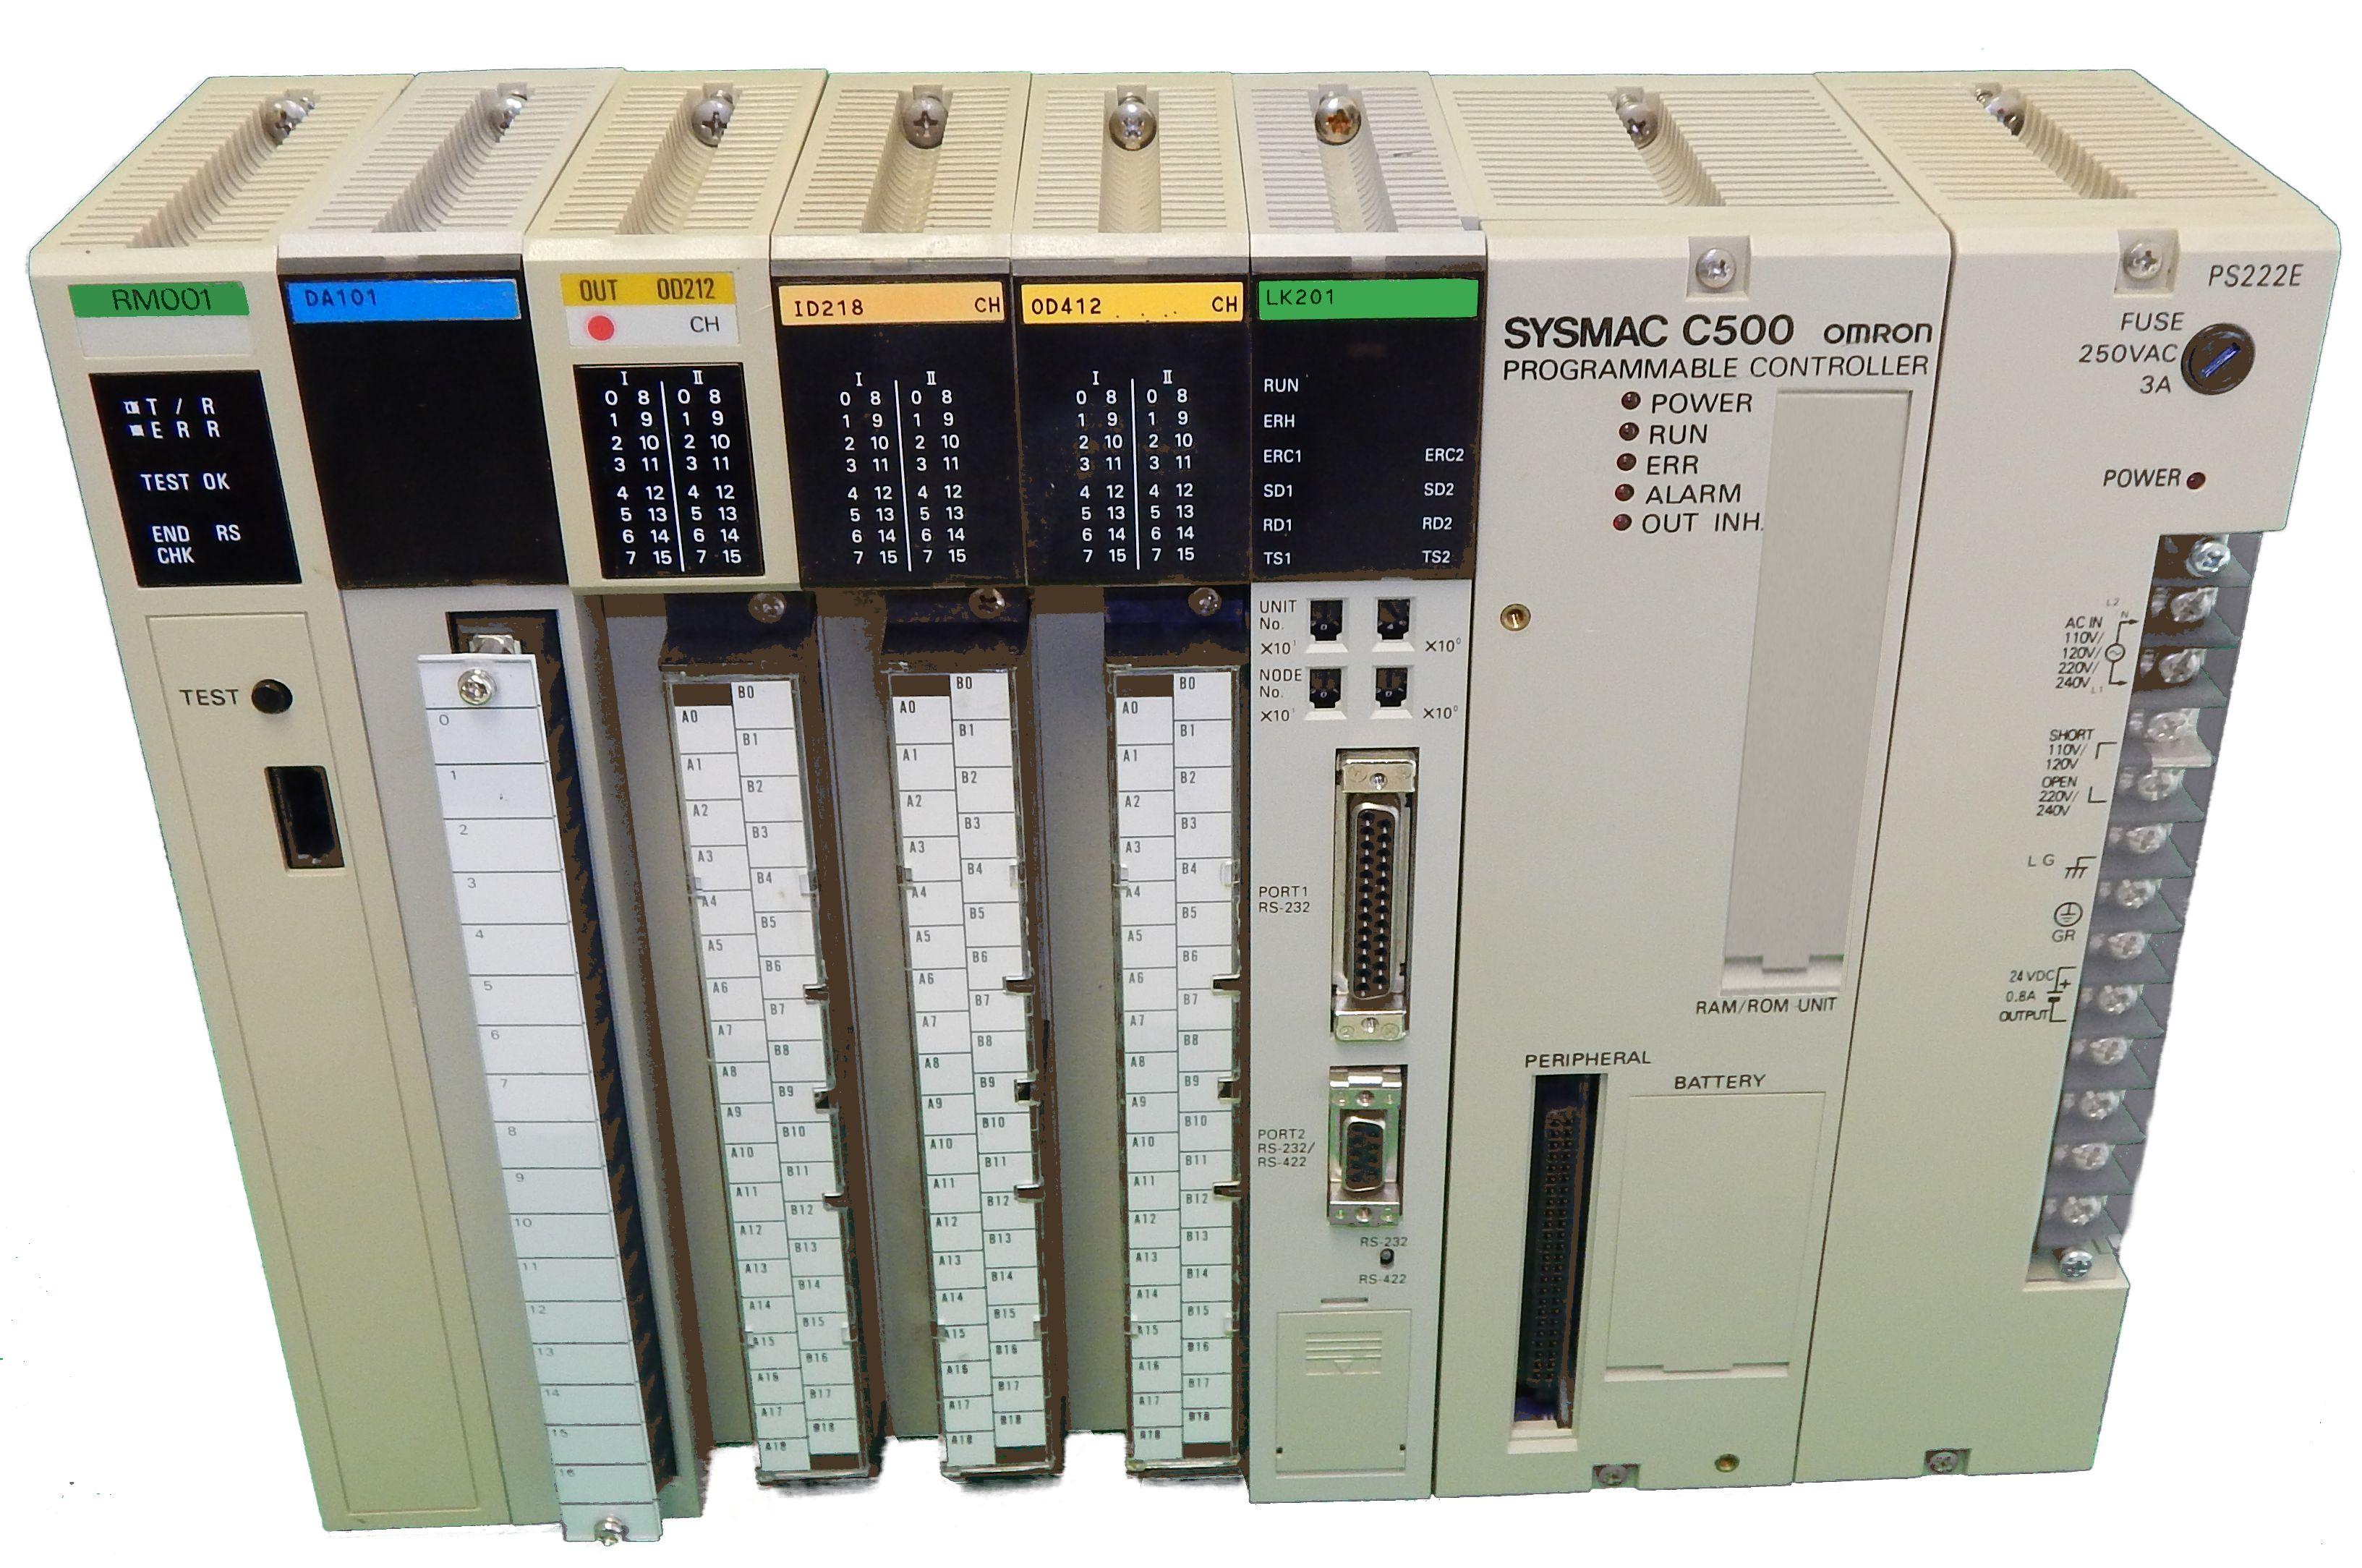 3G2A5-PS222-E